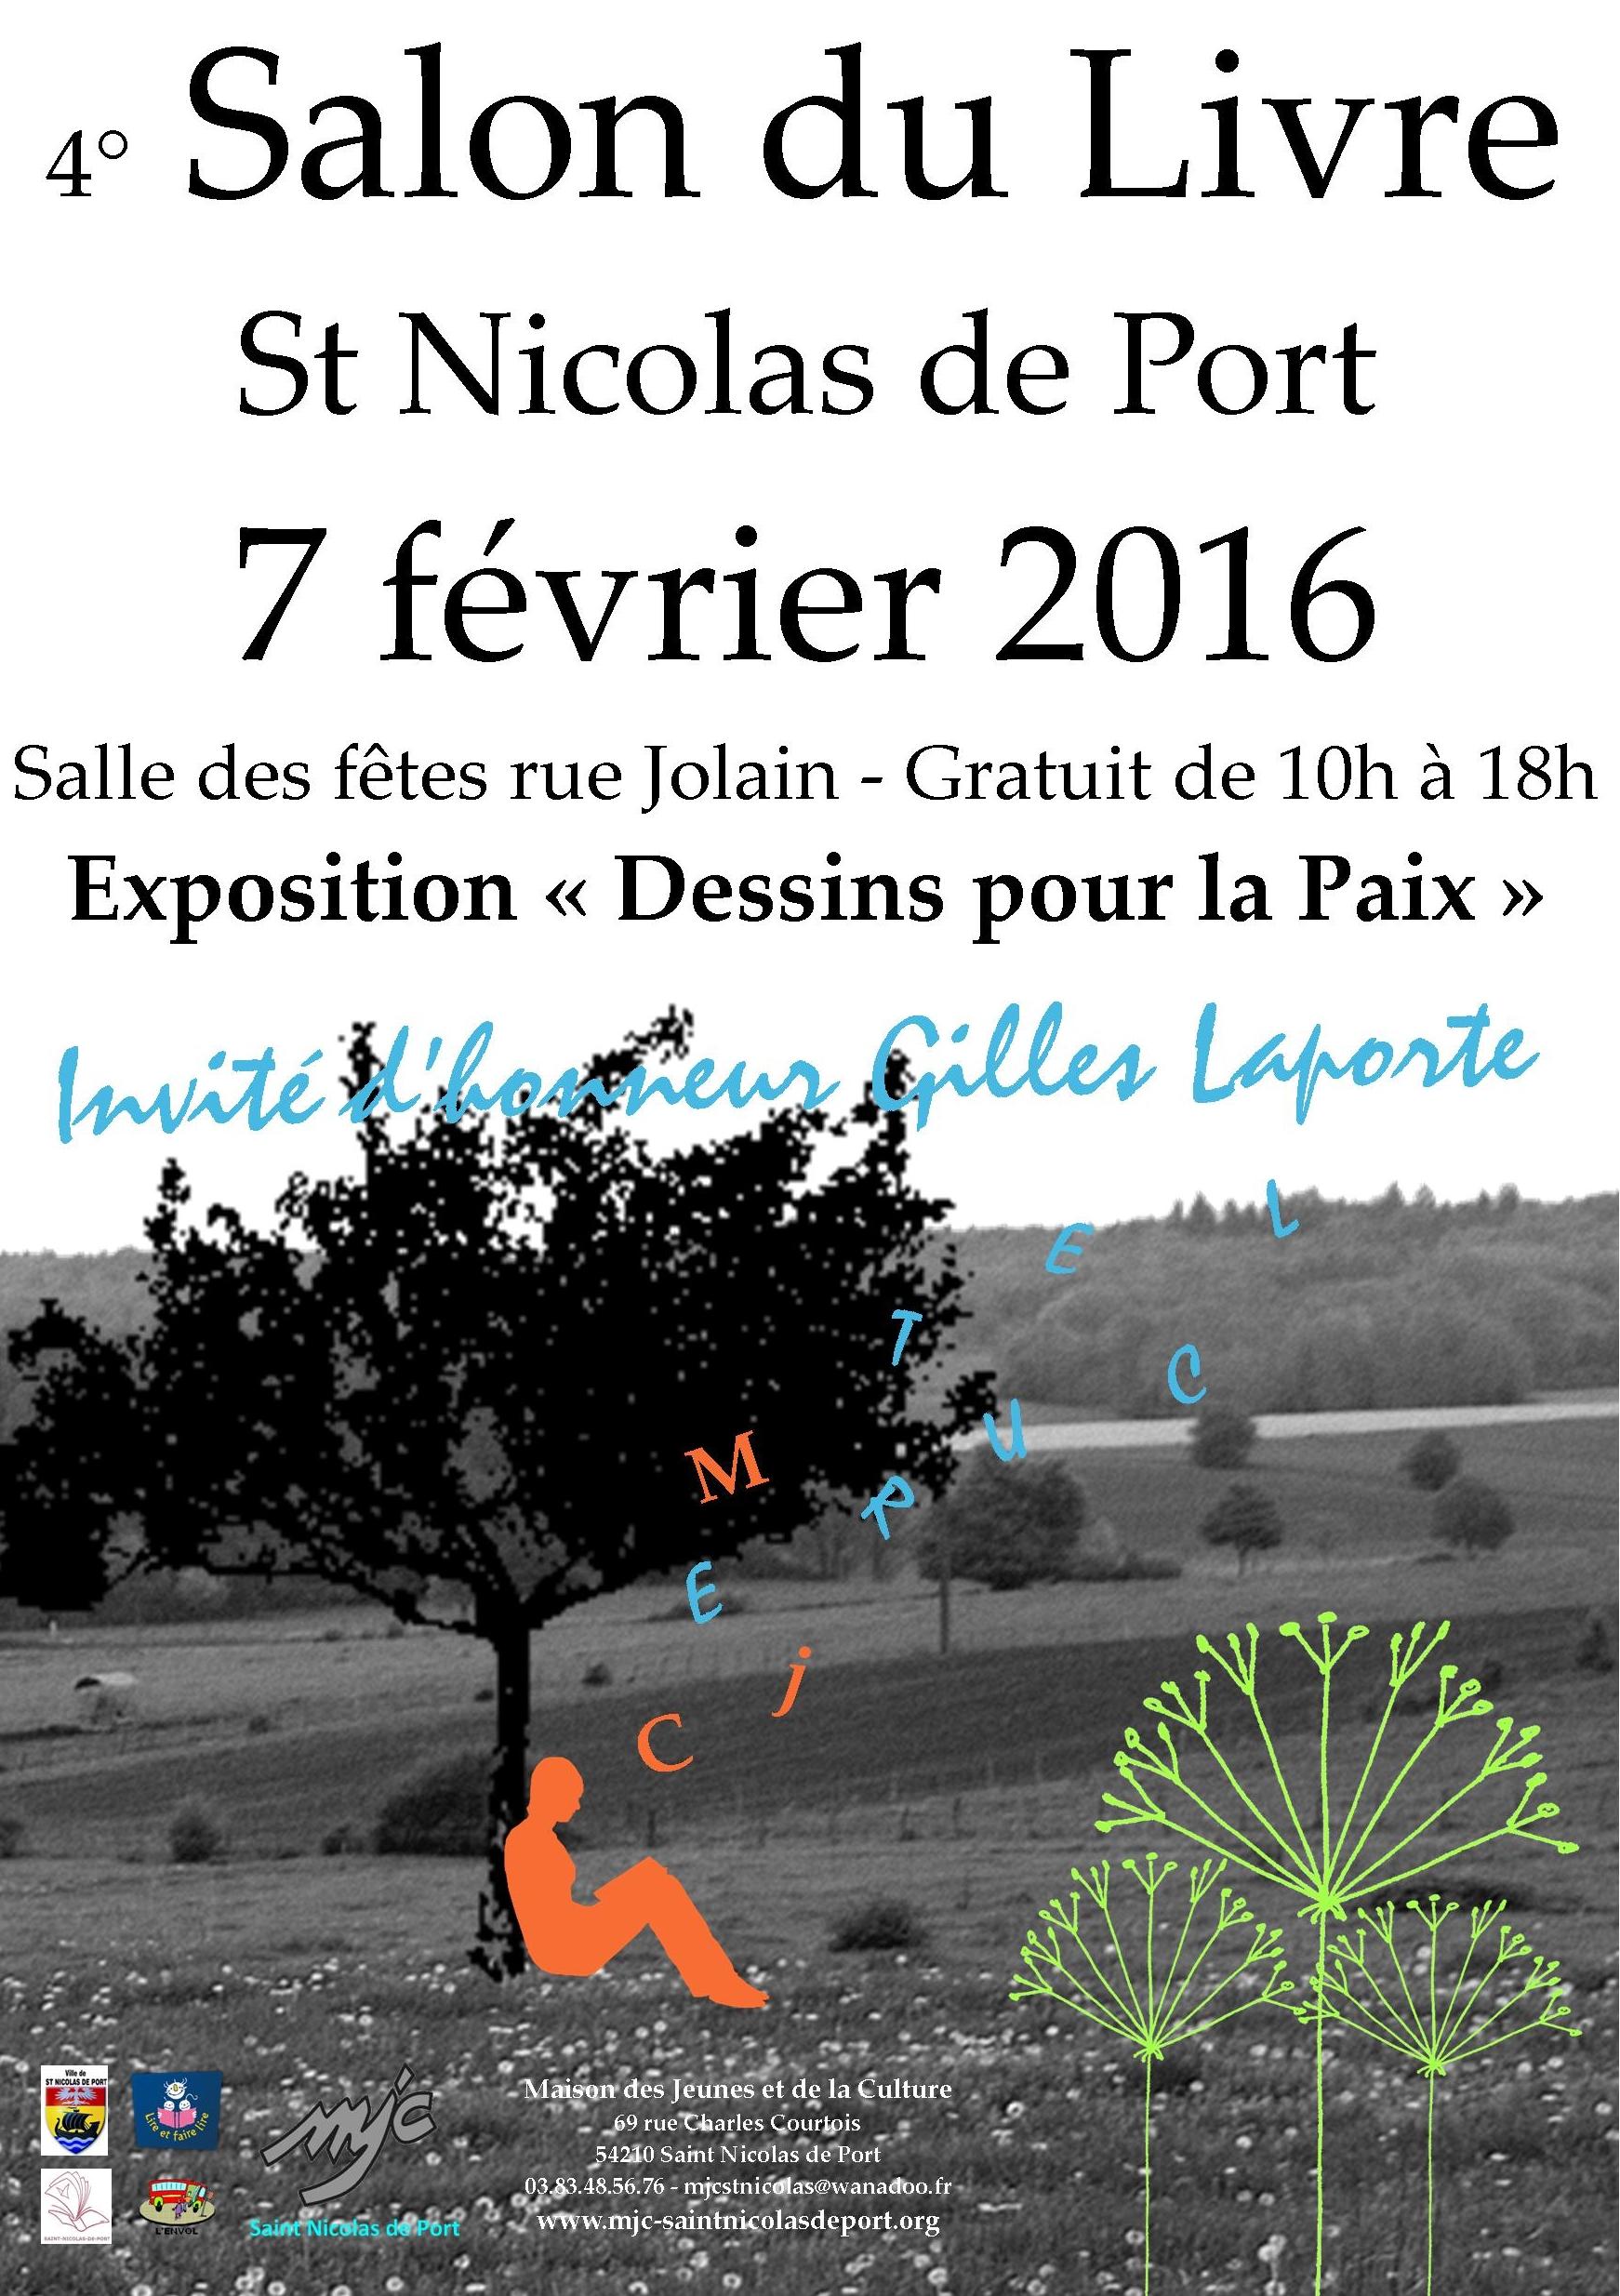 Saint nicolas de port ecrivain public zaz et plus for Salon du livre politique